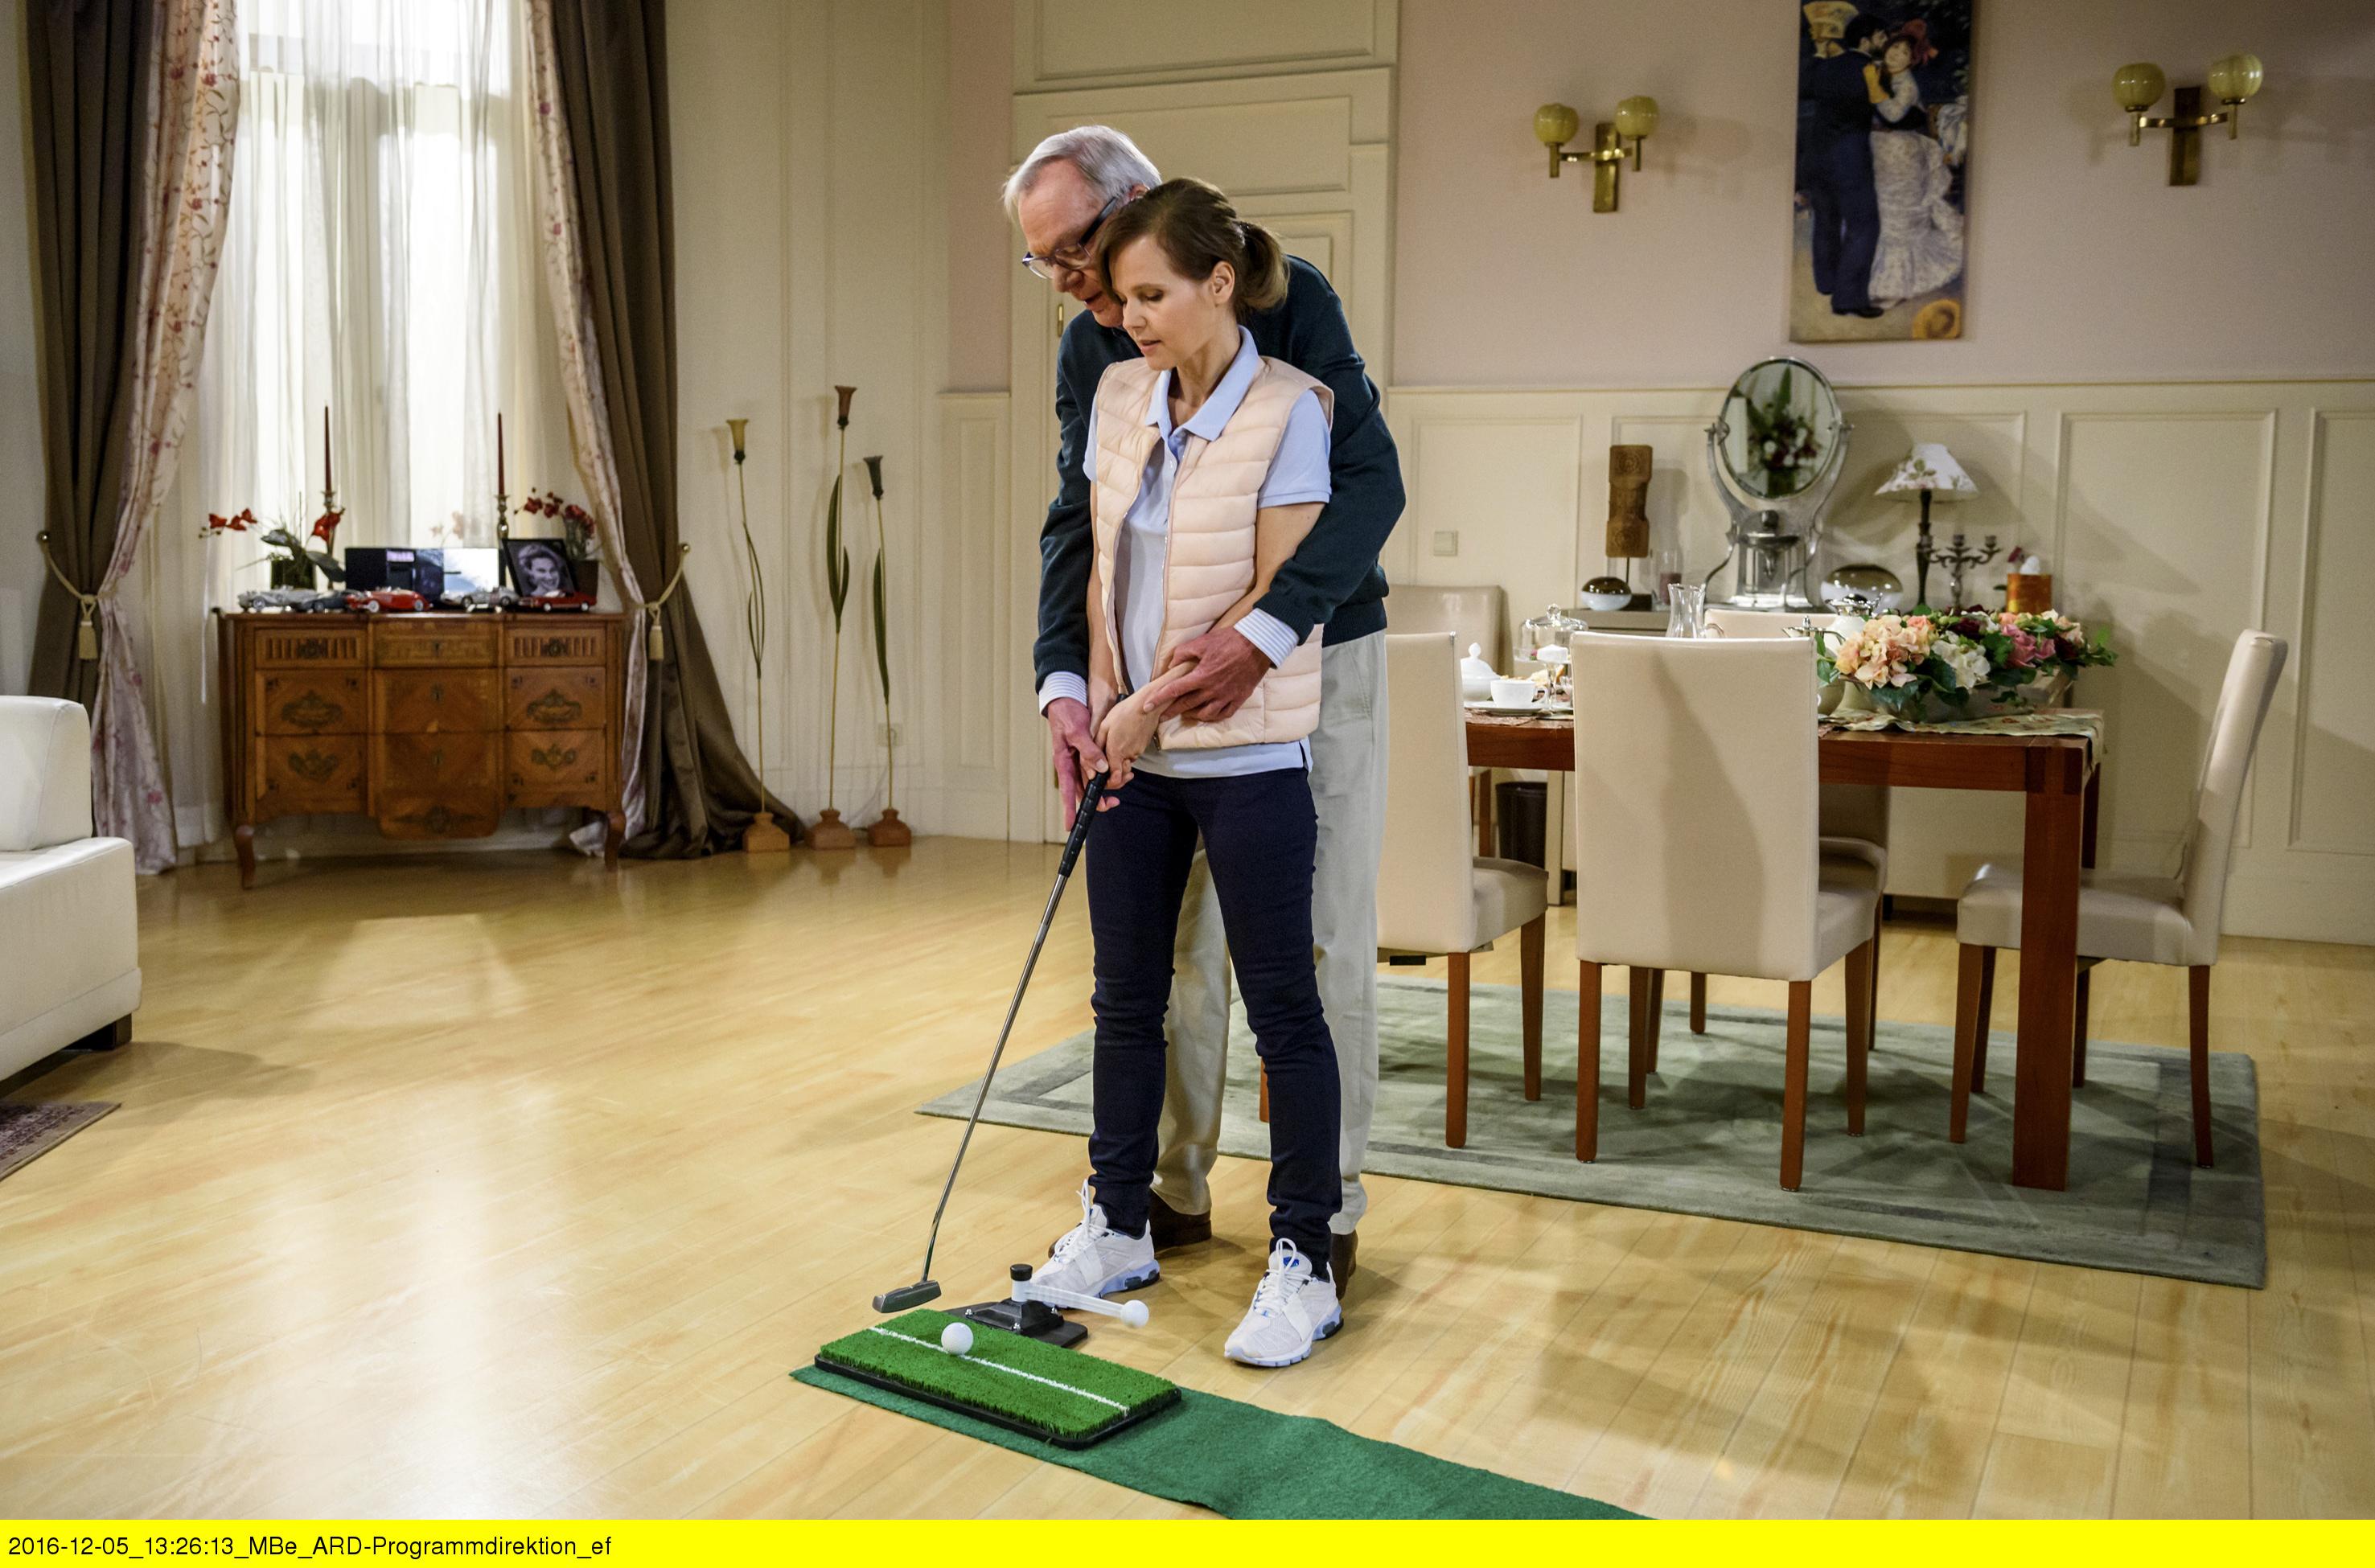 ARD STURM DER LIEBE FOLGE 2618, am Dienstag (24.01.17) um 15:10 Uhr im ERSTEN. Melli (Bojana Golenac, r.) fordert Werner (Dirk Galuba, l.) zu einem Golfspiel heraus. (Quelle: ARD/Christof Arnold)